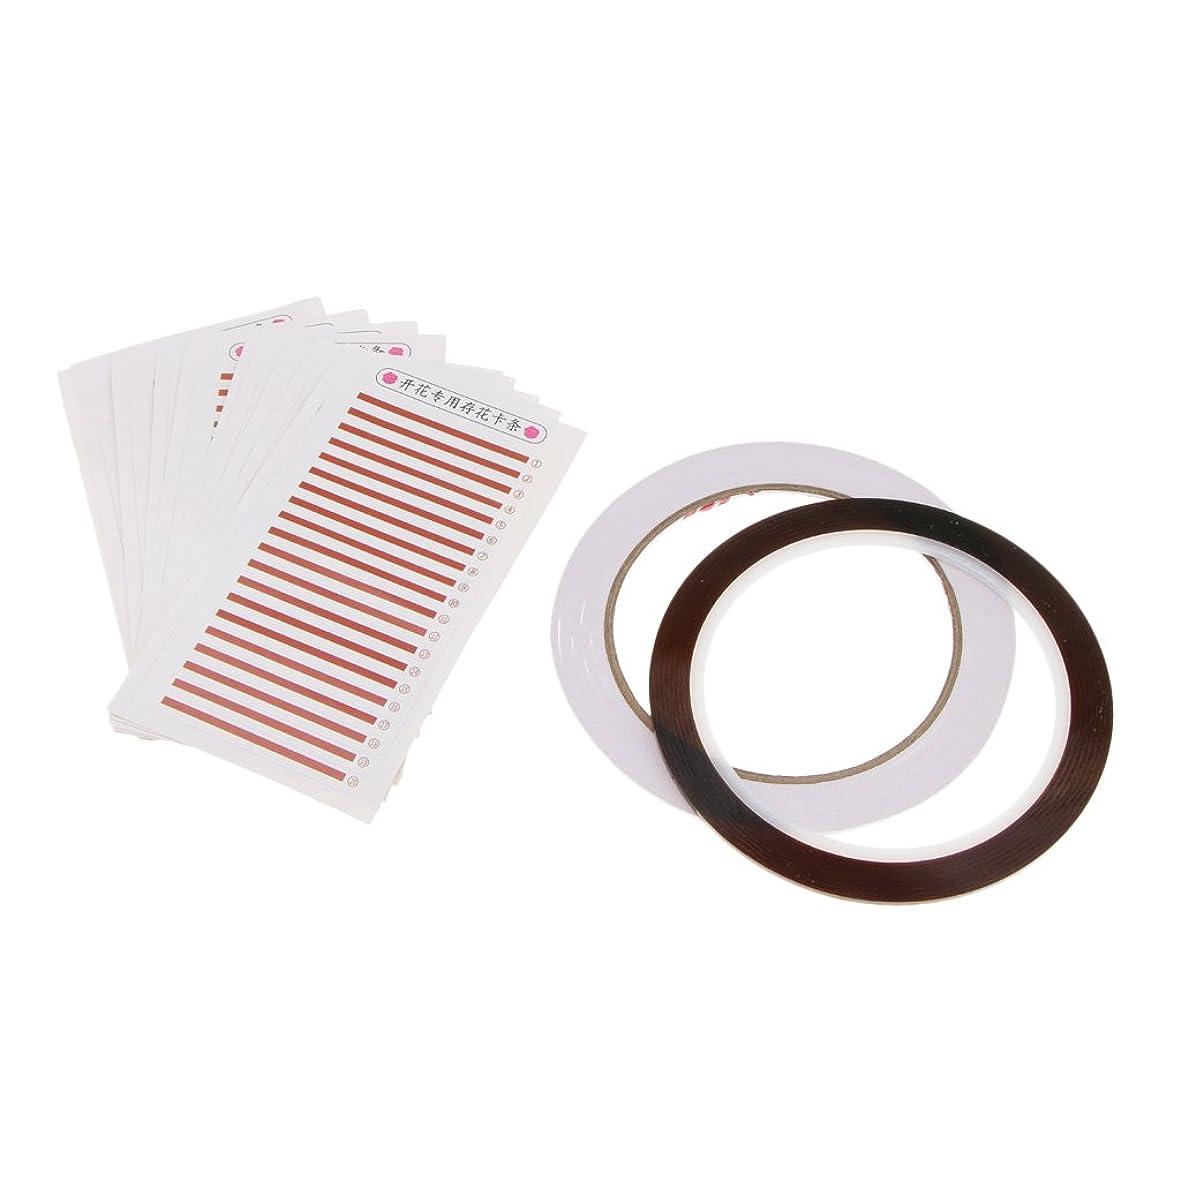 責西部中にKesoto 個々のまつげ 粘着性まつげカード 接着剤テープ まつげ 付けまつげ ボリューム 自然 メイクアップ